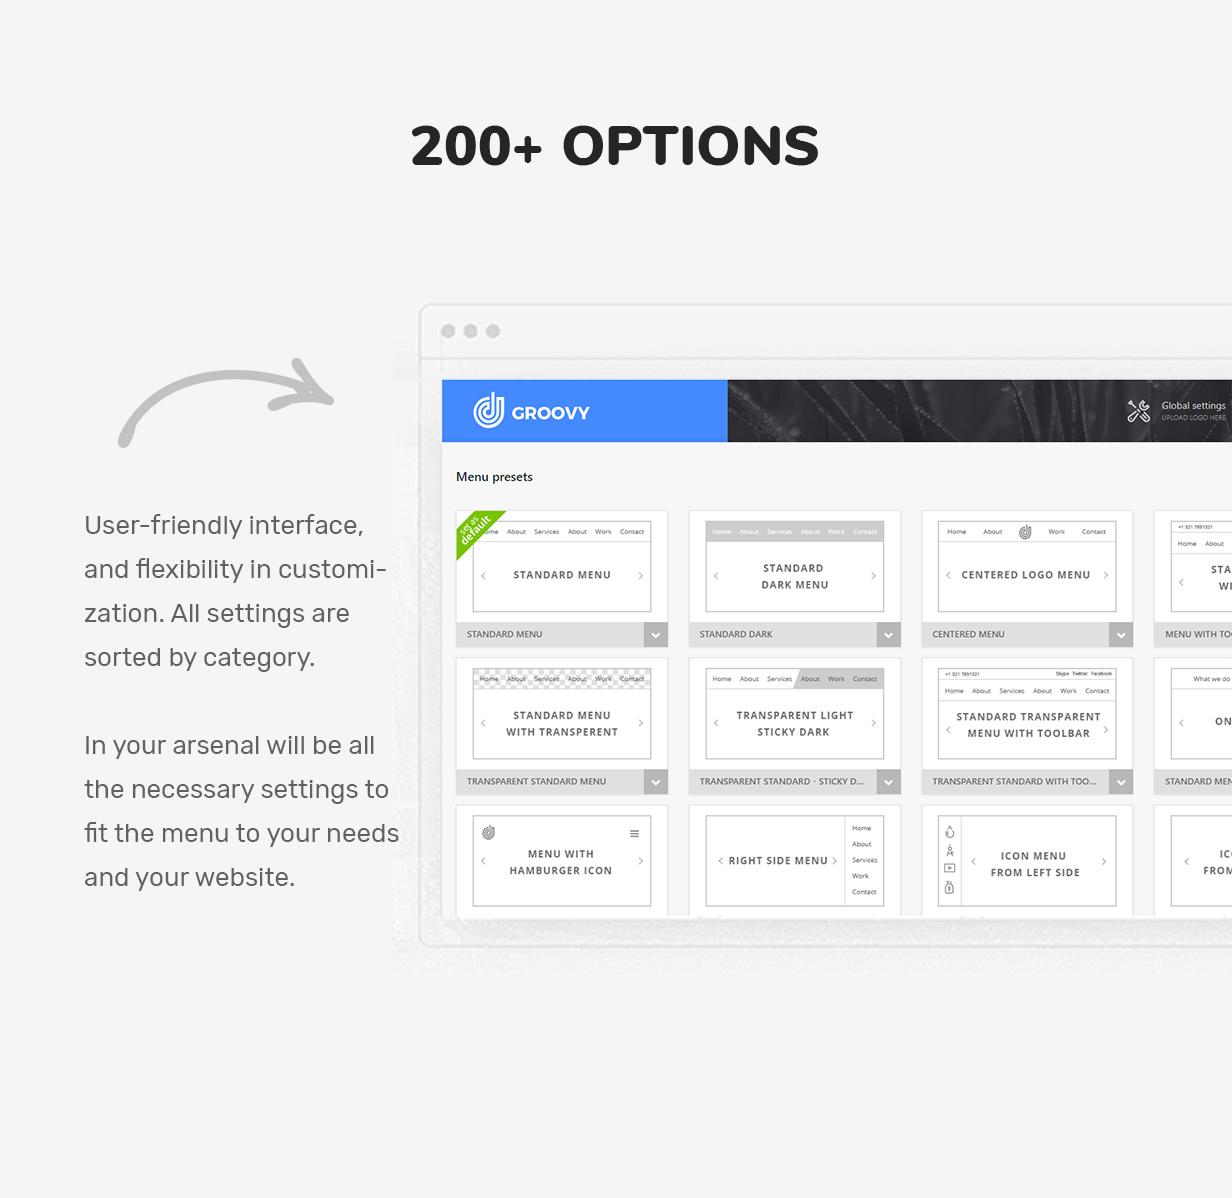 200 settings